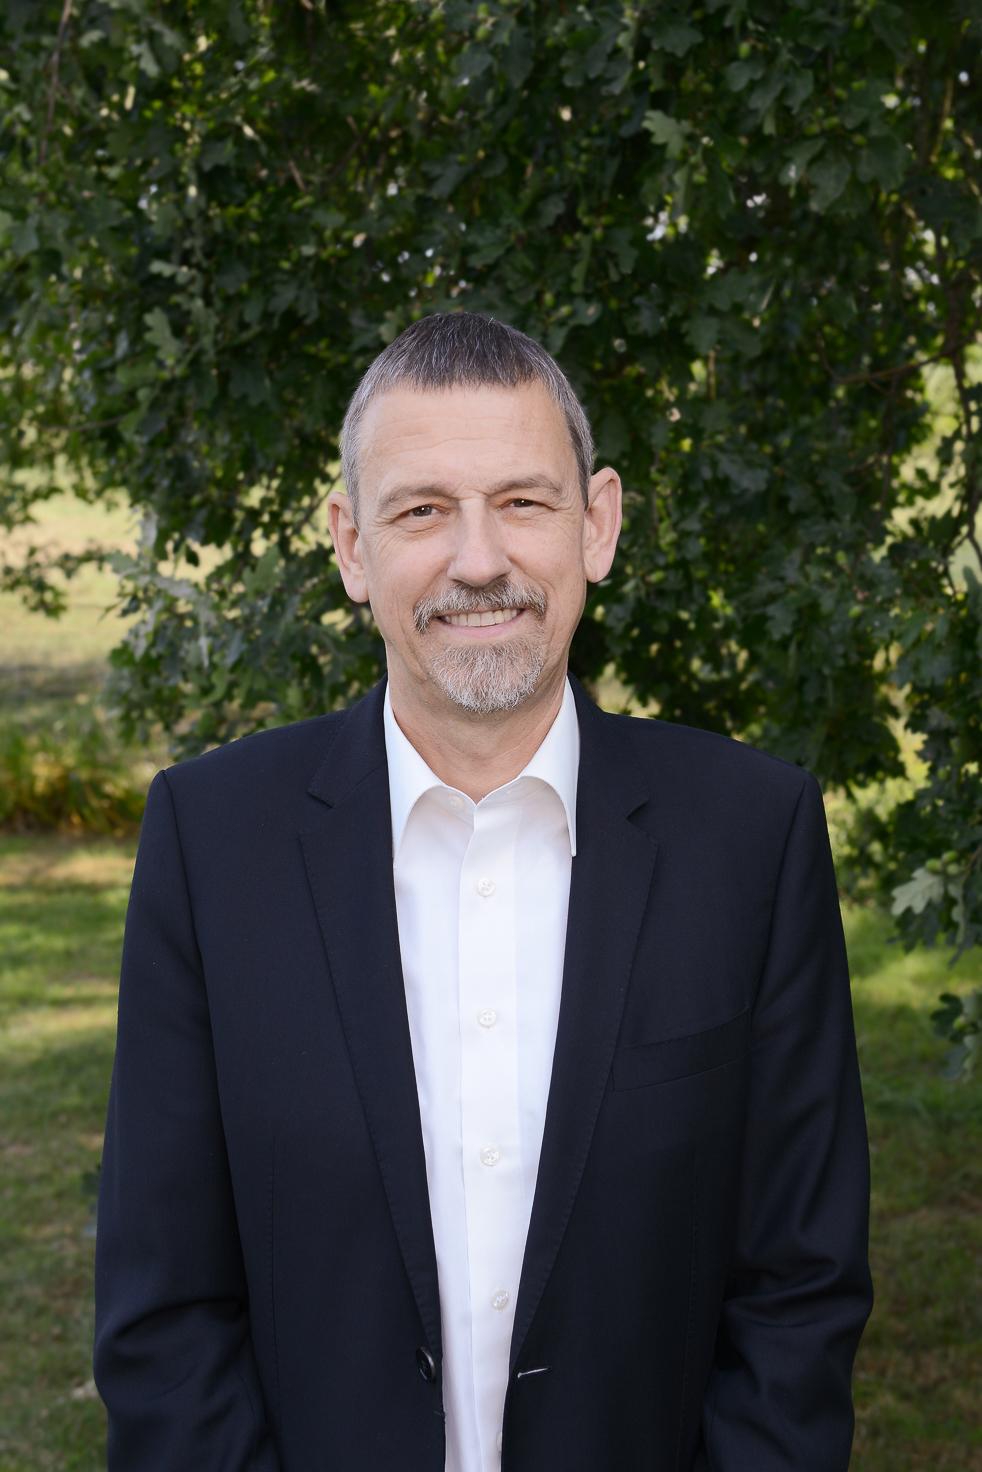 Dieter Knoblich